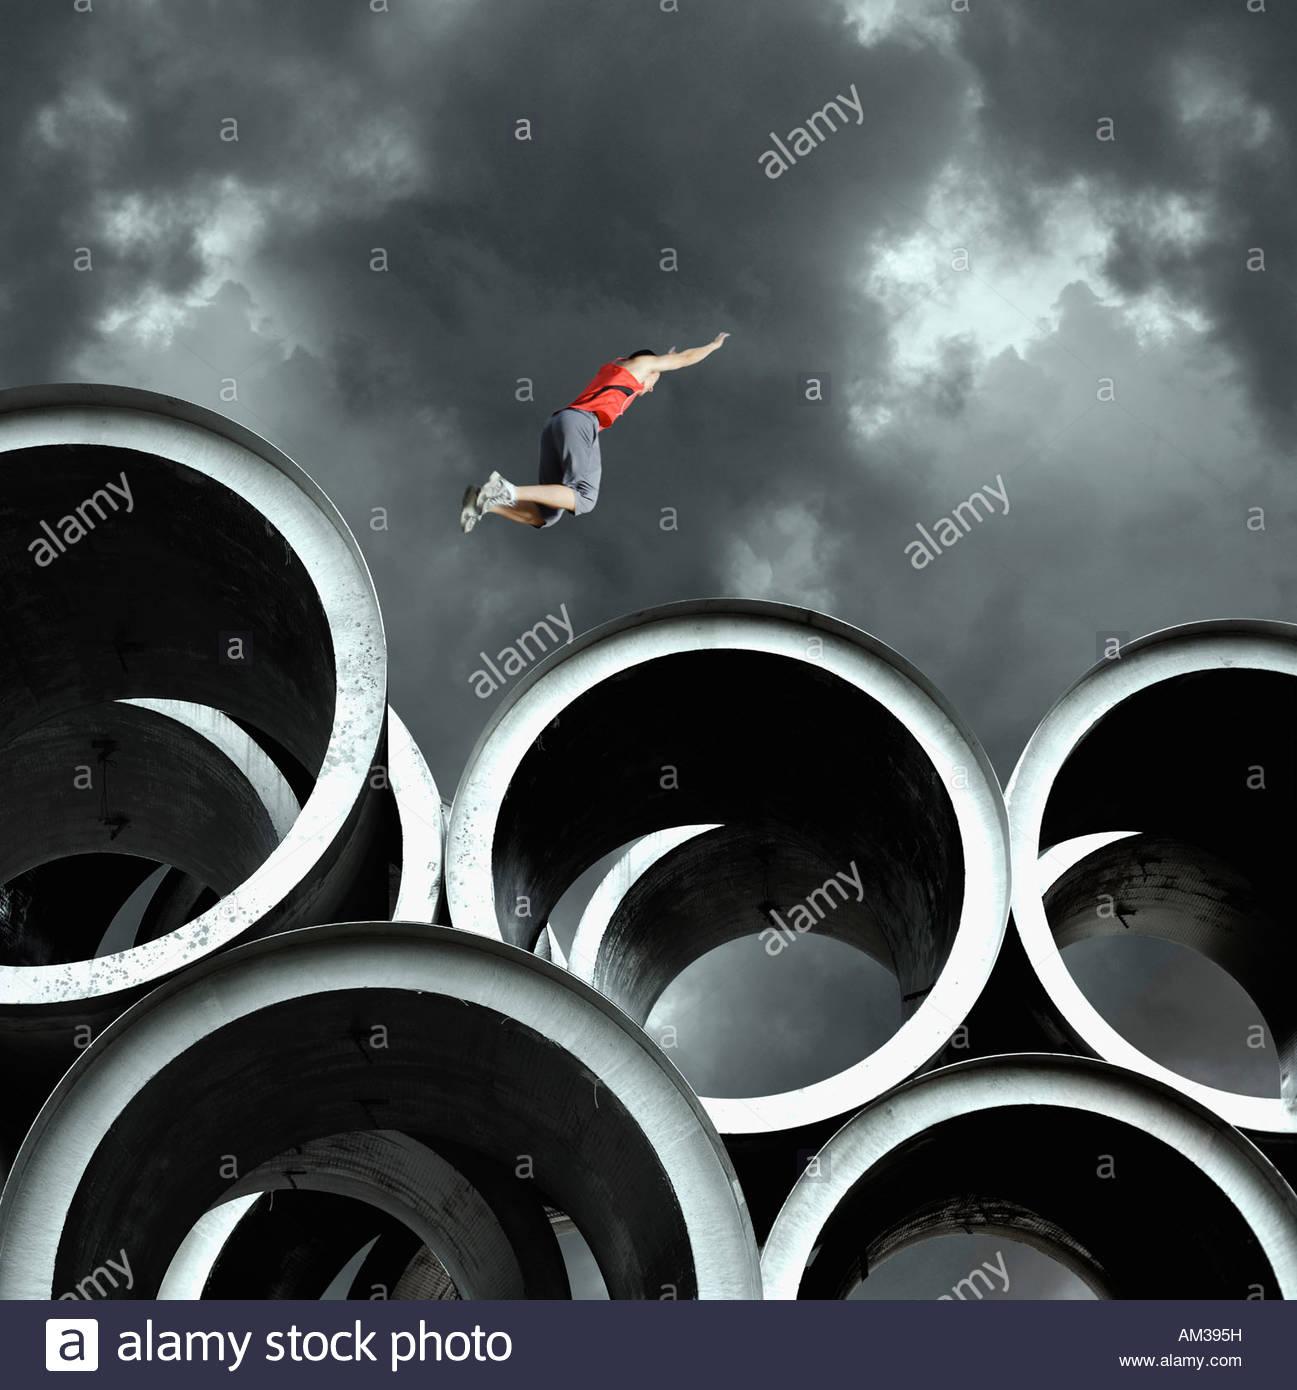 Weitspringer auf großen Zylindern Stockbild